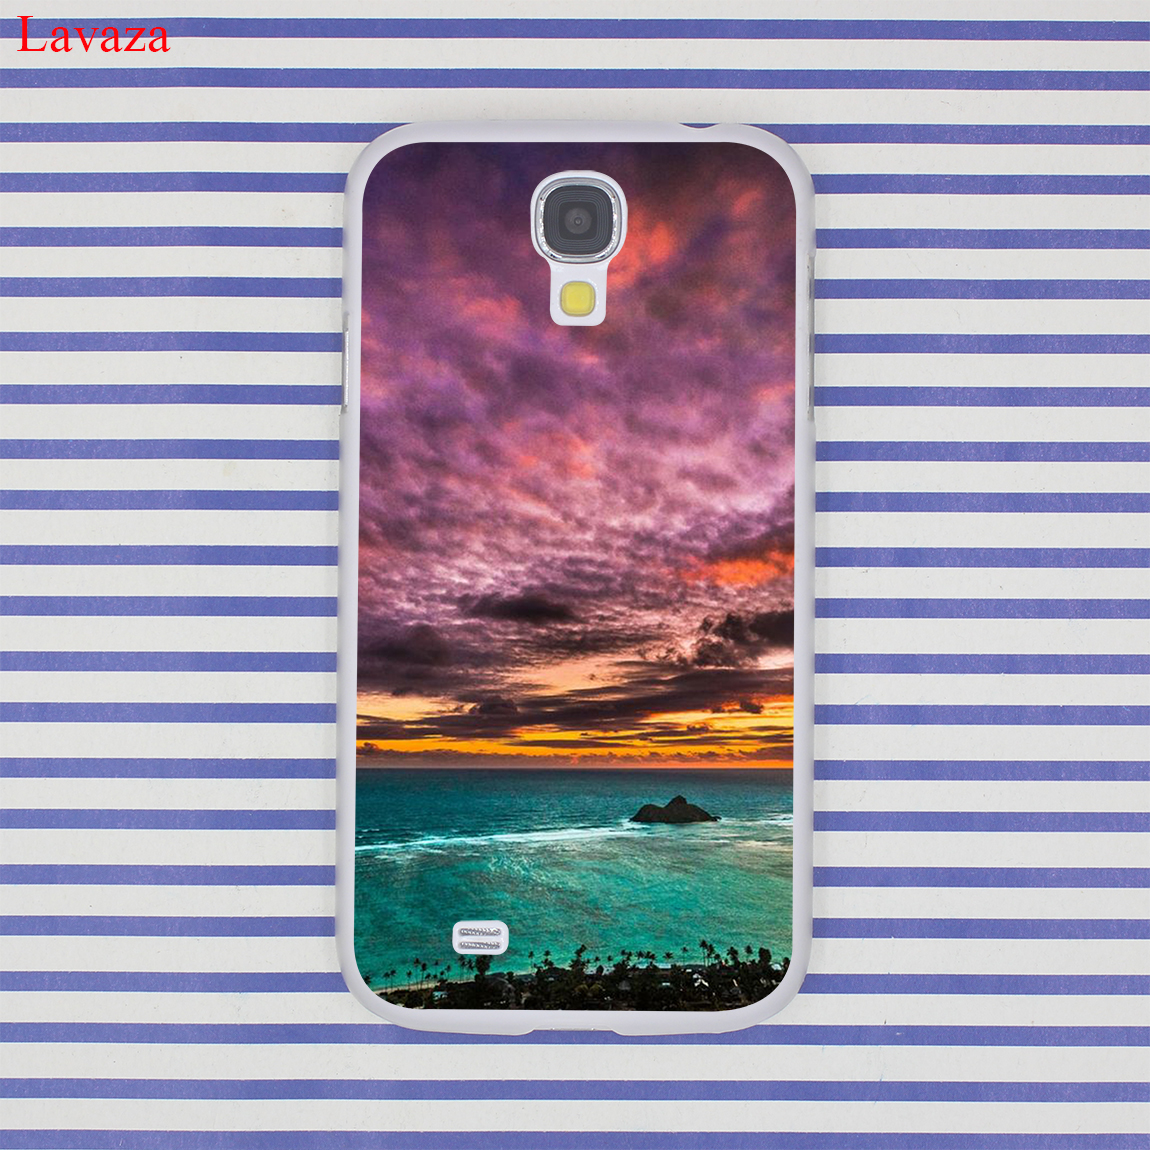 Funda de teléfono Lavaza Clear Sea Sky Sandy beach para Samsung - Accesorios y repuestos para celulares - foto 5